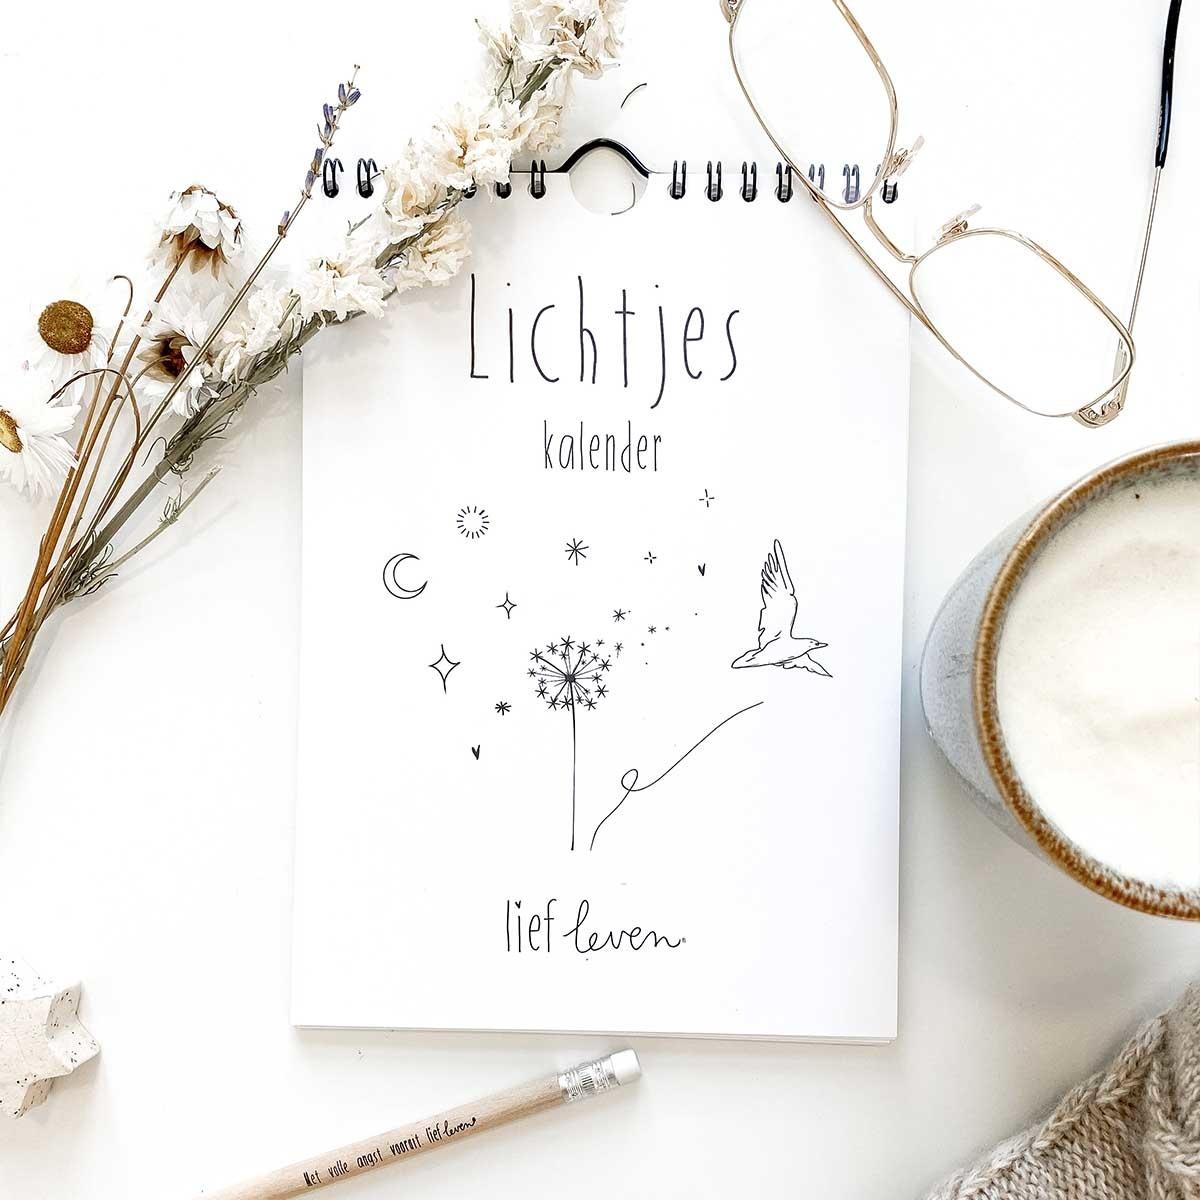 Lichtjes kalender • herdenken van dierbaren